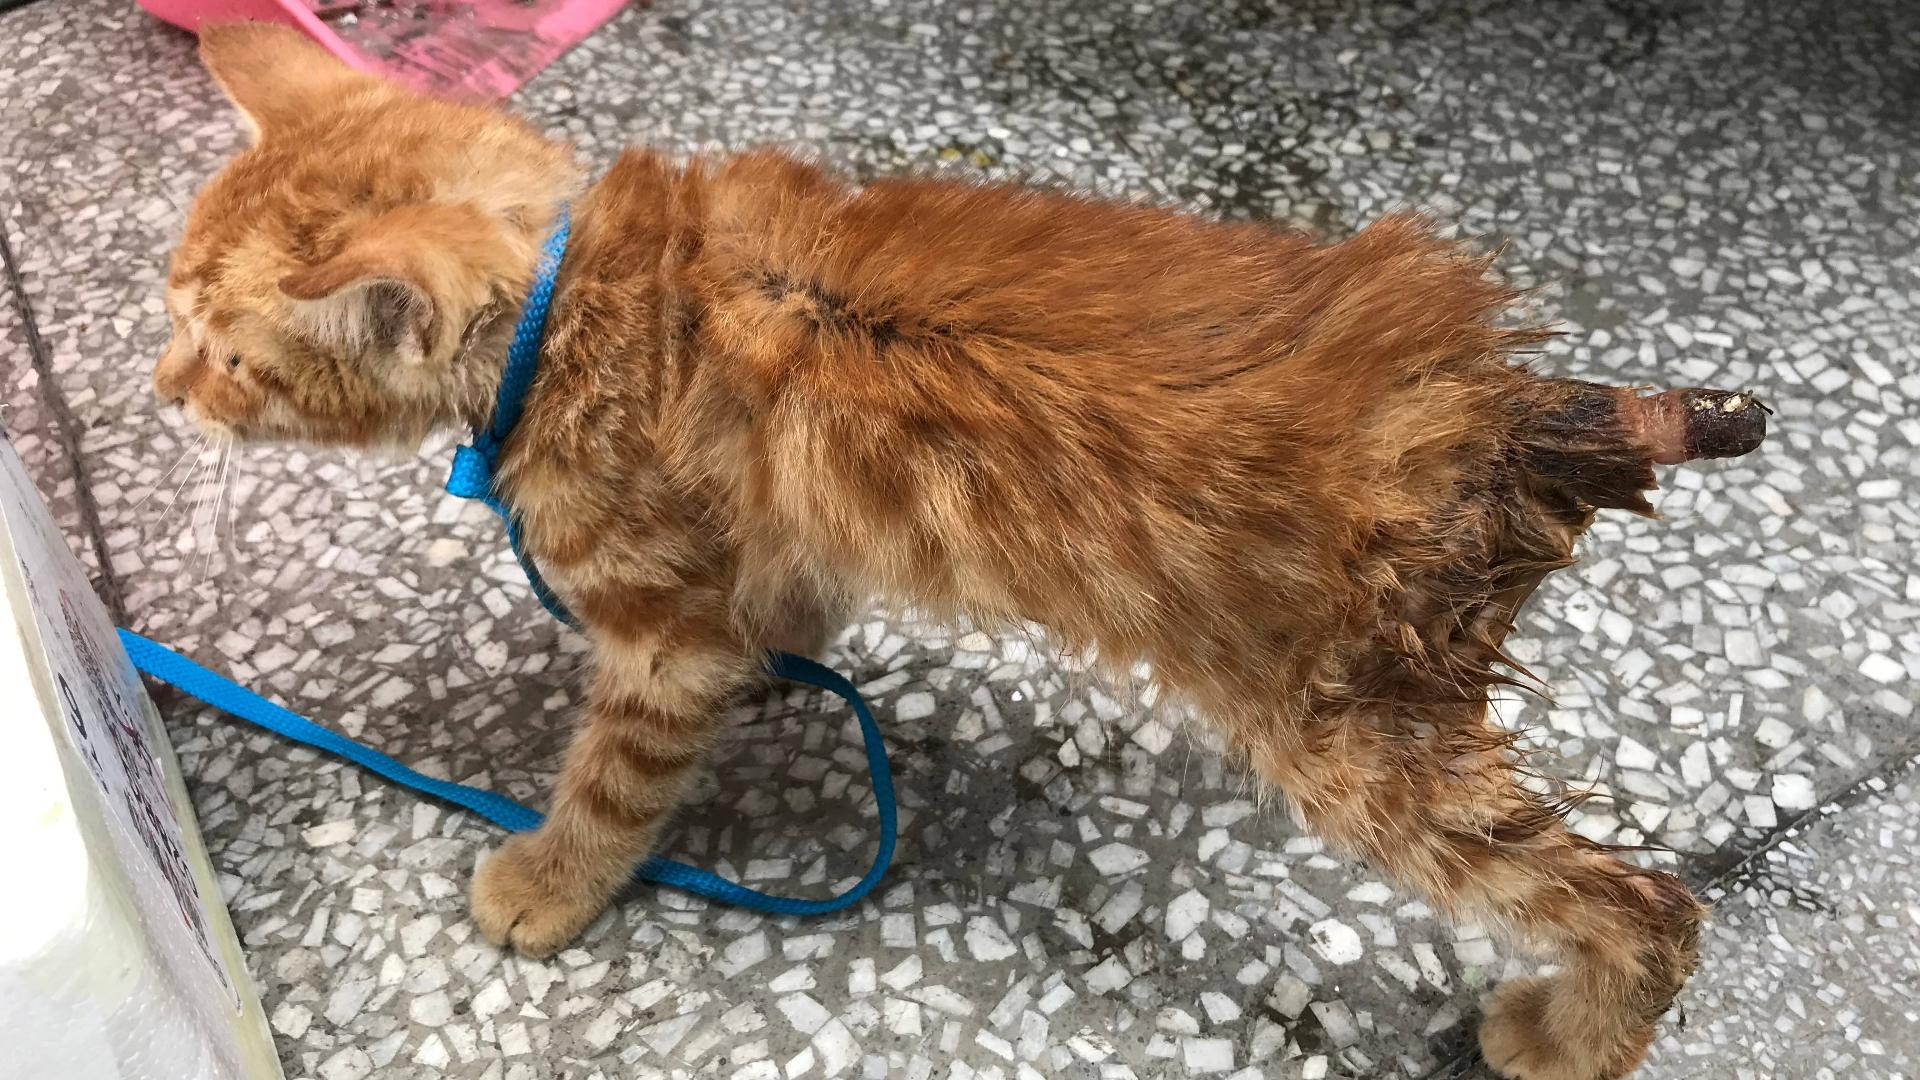 流浪猫:猫咪的尾巴被人砍断,简直惨不忍睹